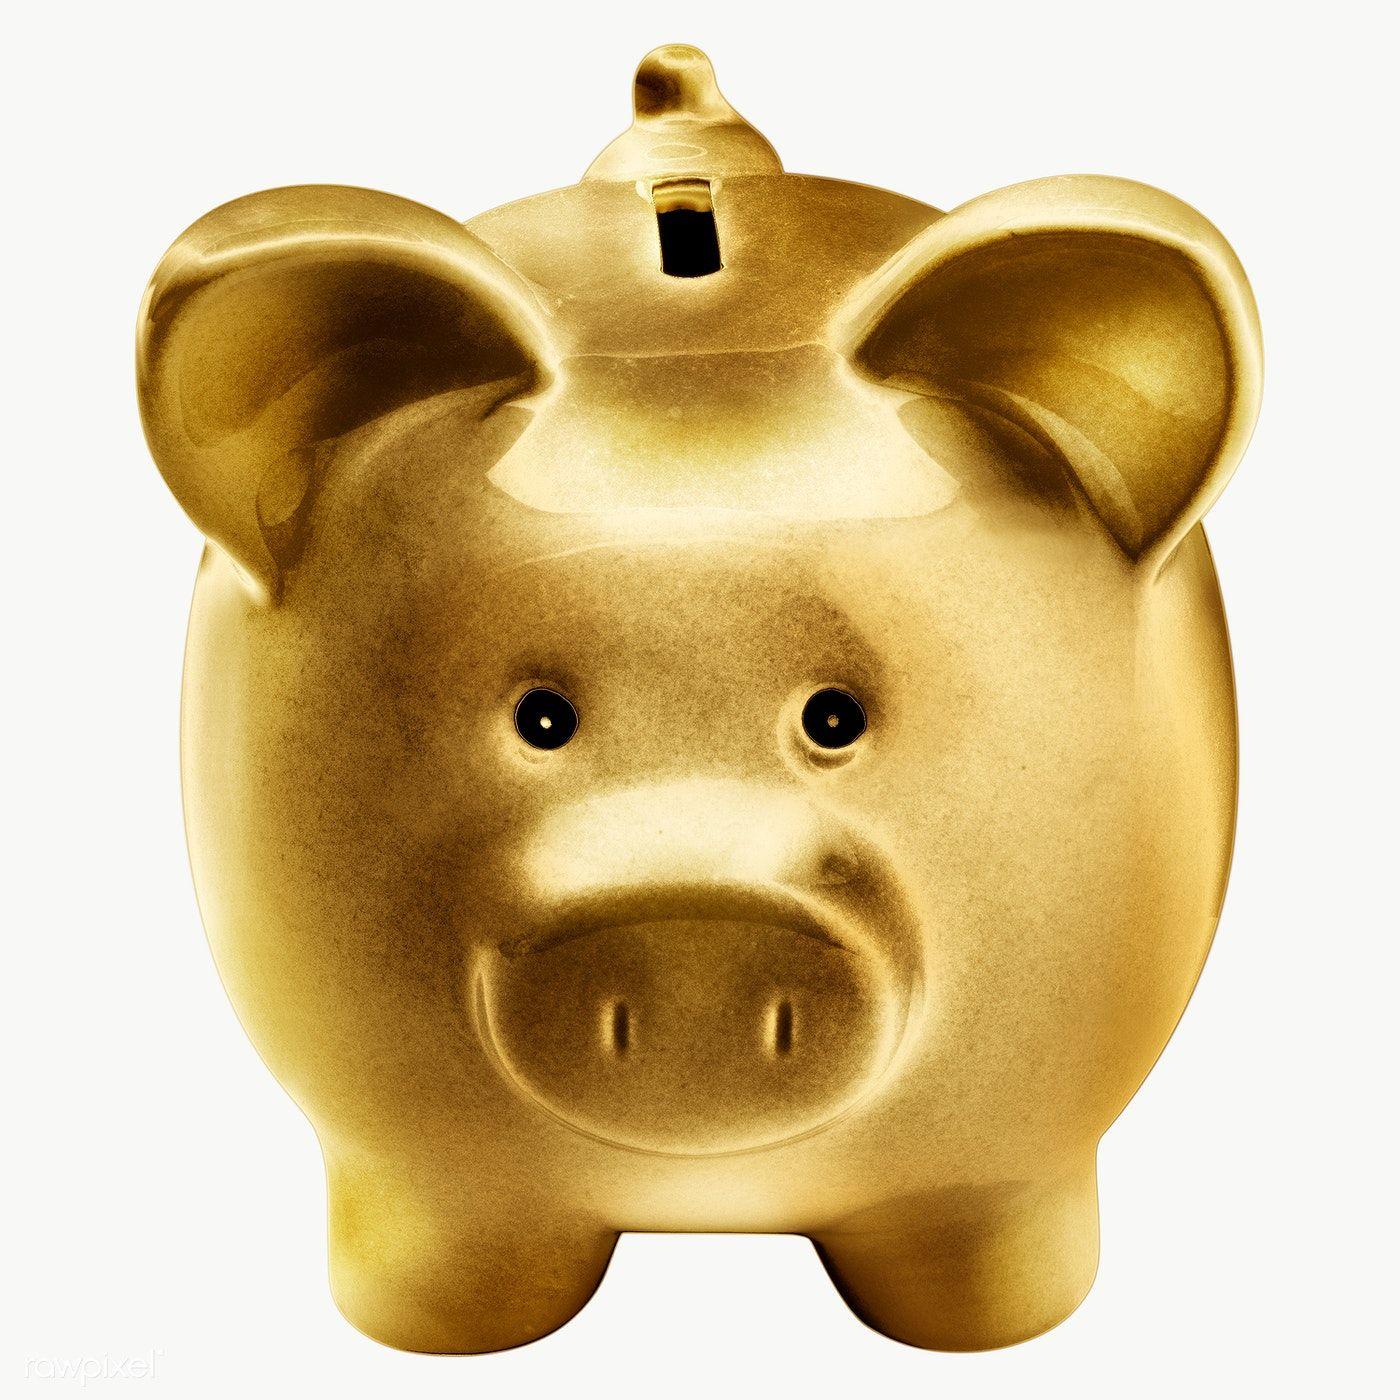 Gold Piggy Bank Sticker Design Element Free Image By Rawpixel Com Winn Piggy Bank Sticker Design Piggy